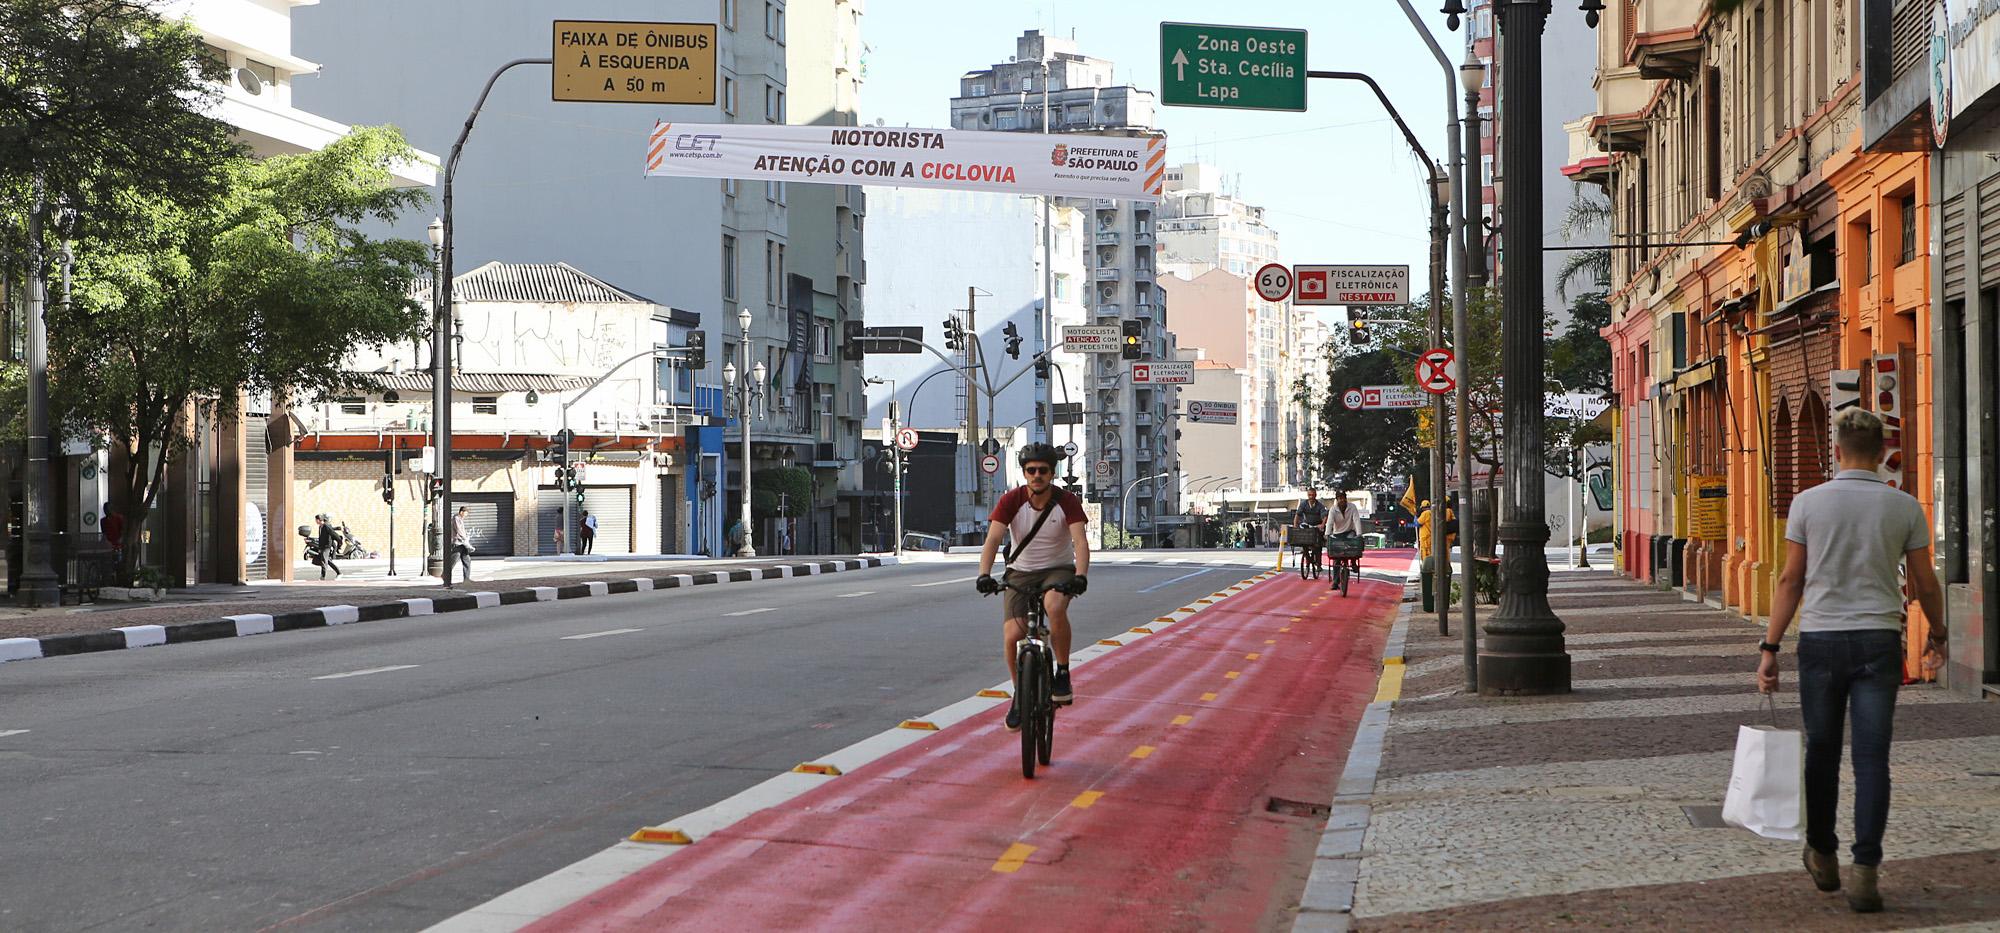 Trabalhador que usa bike ganhará R$ 50